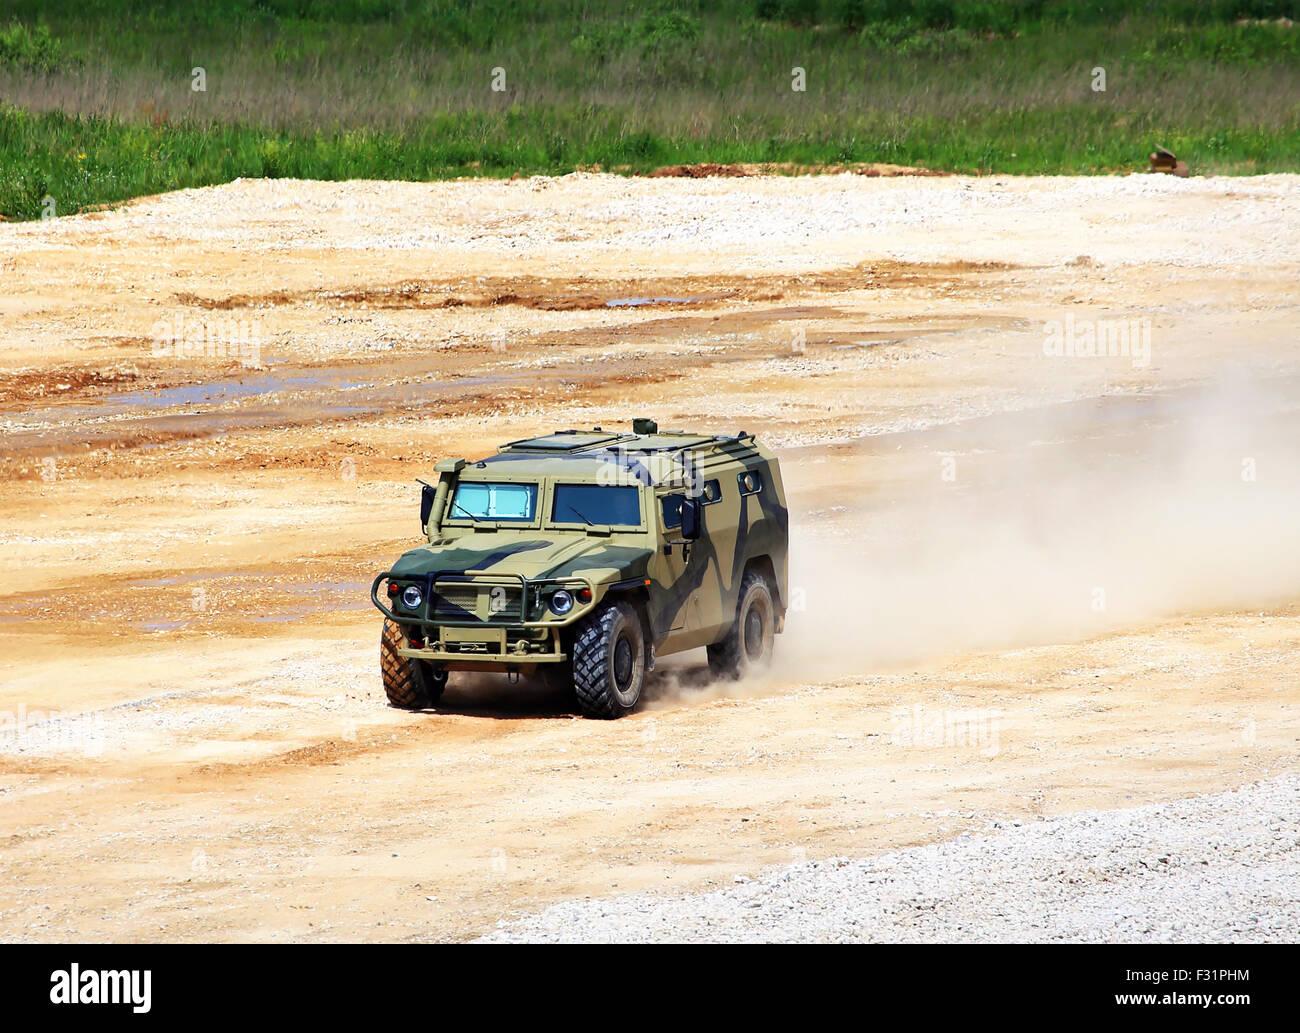 Militärische alle Gelände-LKW mit einem Metallgehäuse Rahmen und ...